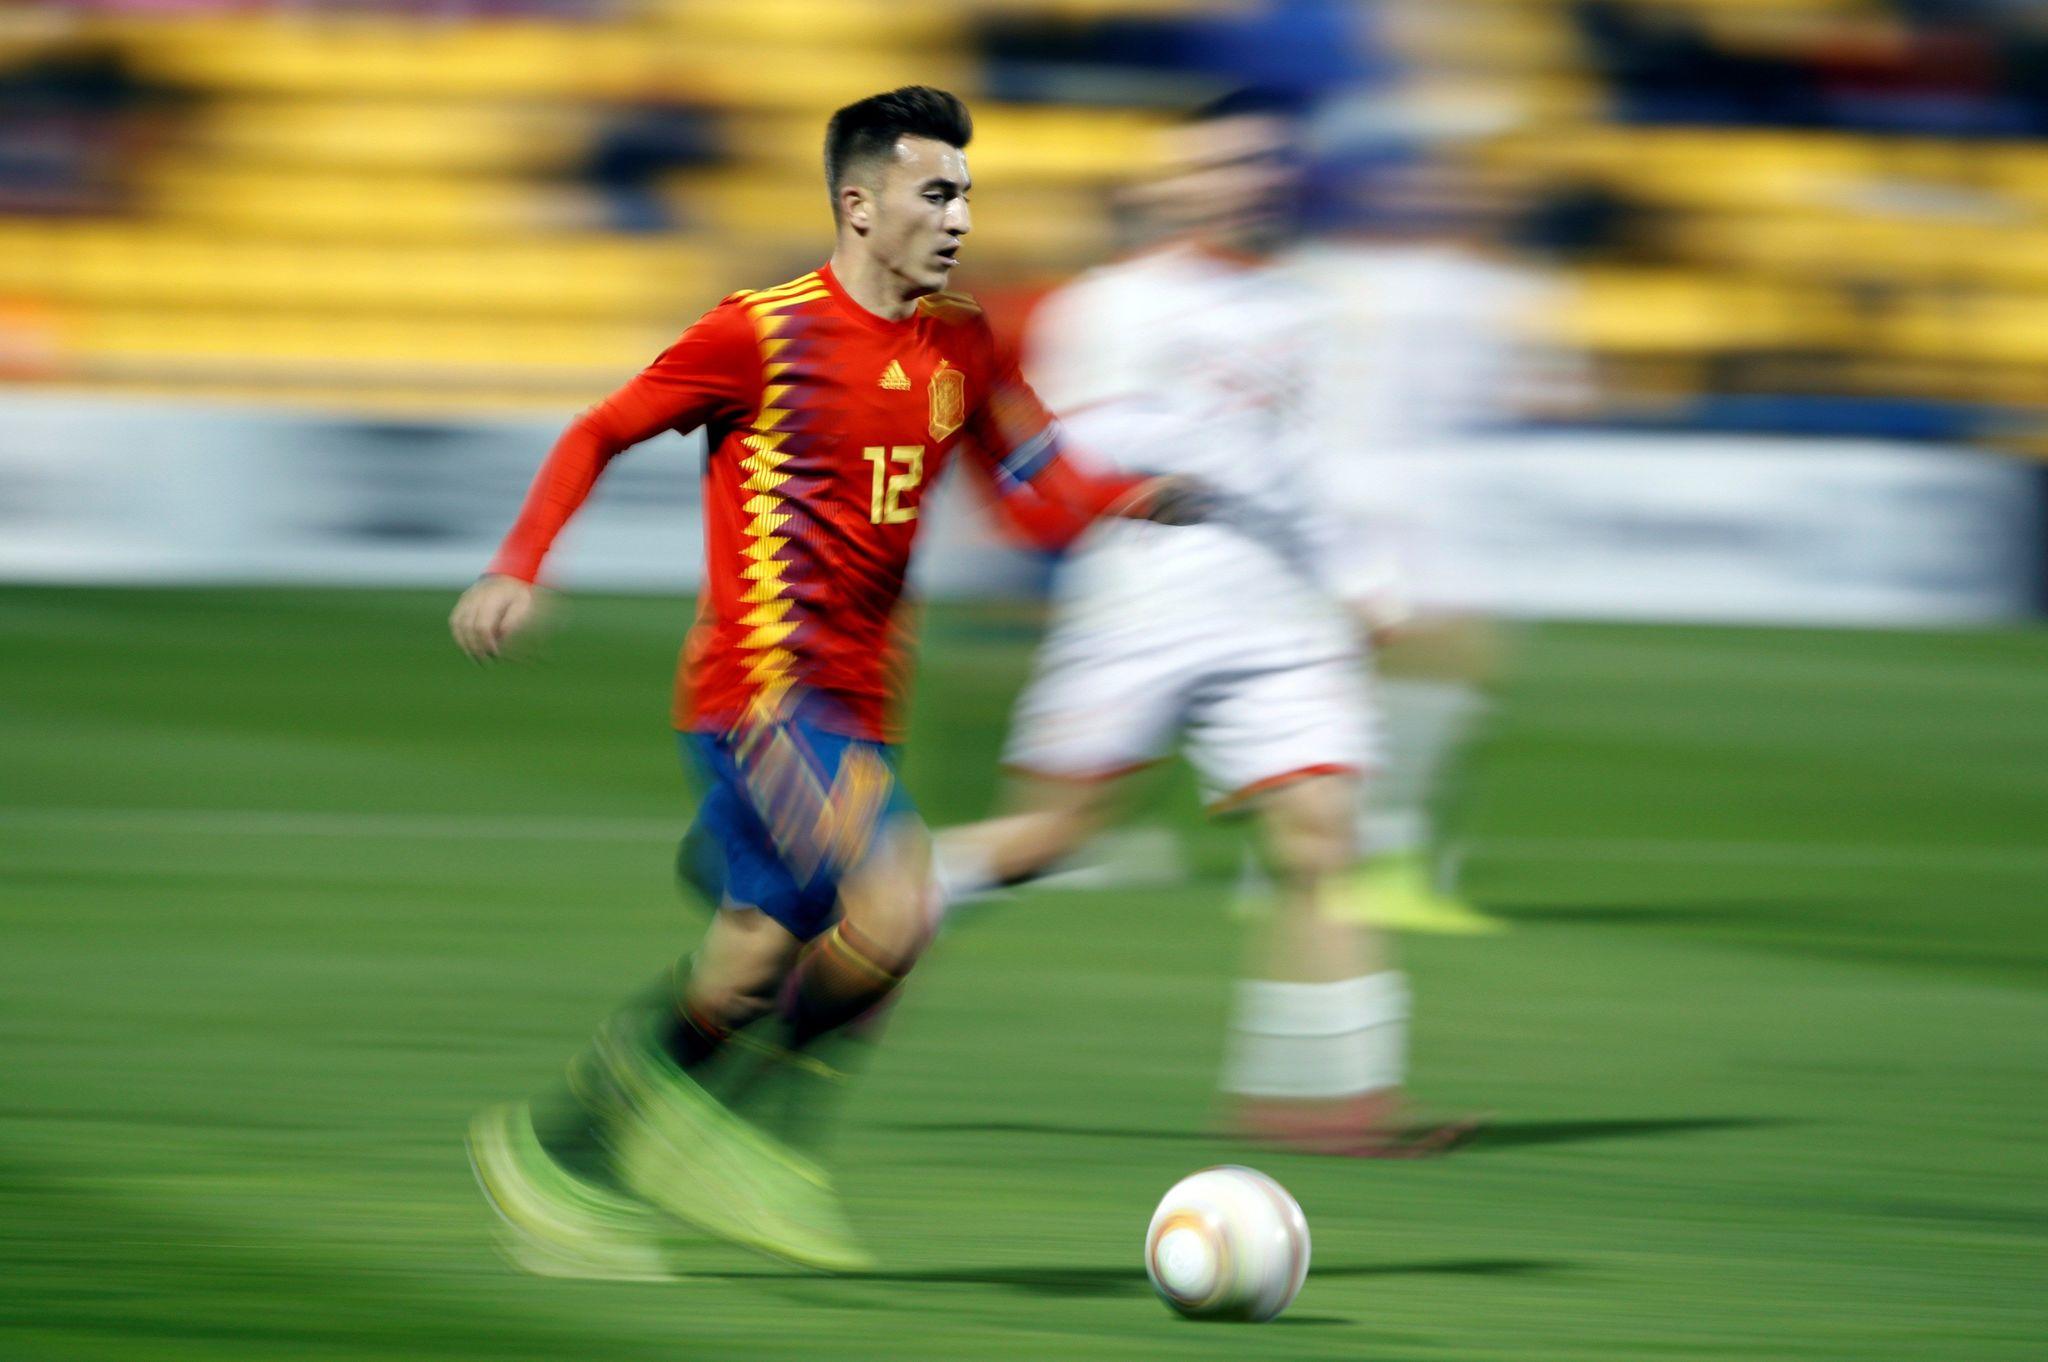 GRAF9151. ALCORCÓN (MADRID), 14/11/2019.- El defensa de la selección española de fútbol sub-21, <HIT>Aitor</HIT><HIT>Buñuel</HIT>, este jueves, durante el partido de clasificación para la Eurocopa 2021, disputado contra la selección de Macedonia del Norte sub-21, en el estadio de Santo Domingo, en Alcorcón, Madrid. EFE/ Rodrigo Jiménez